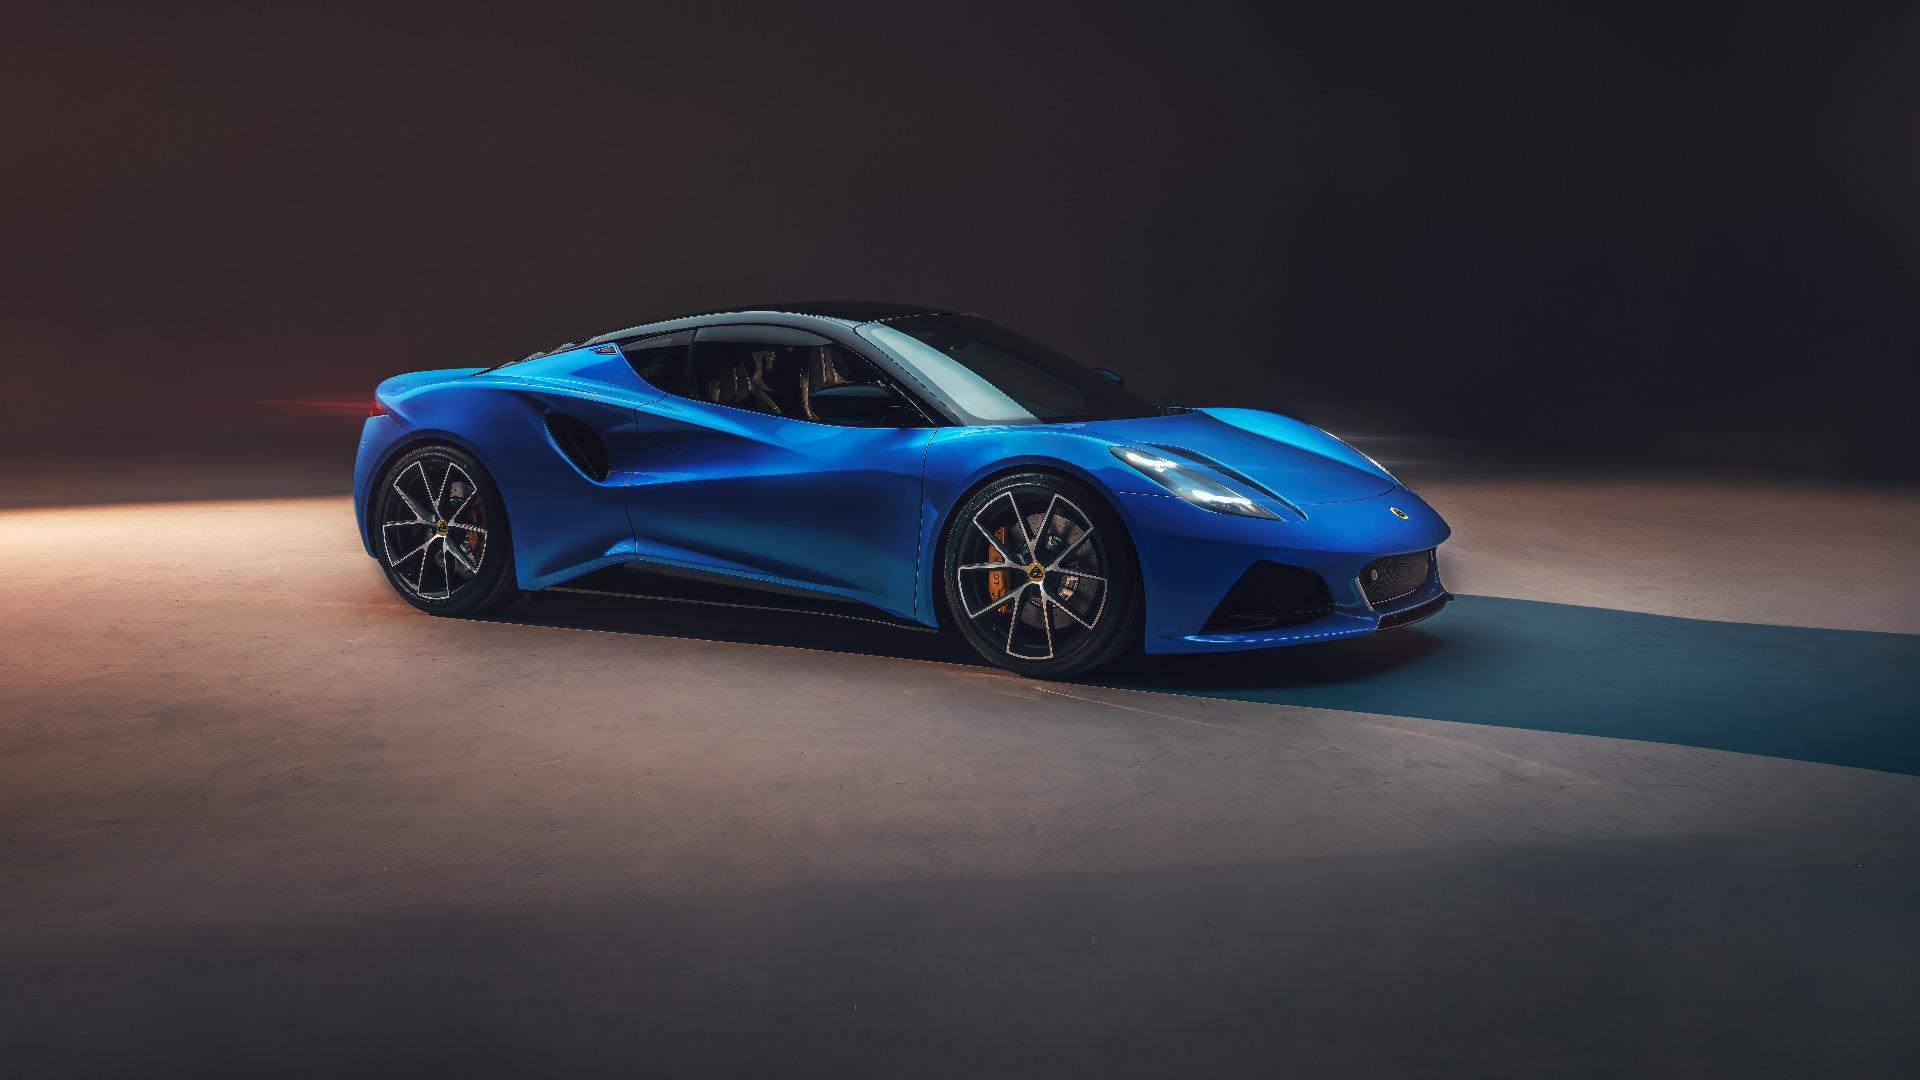 Den nye Emira har dramatiske linjer med designelementer vi kjenner igjen fra andre moderne sportsbiler.